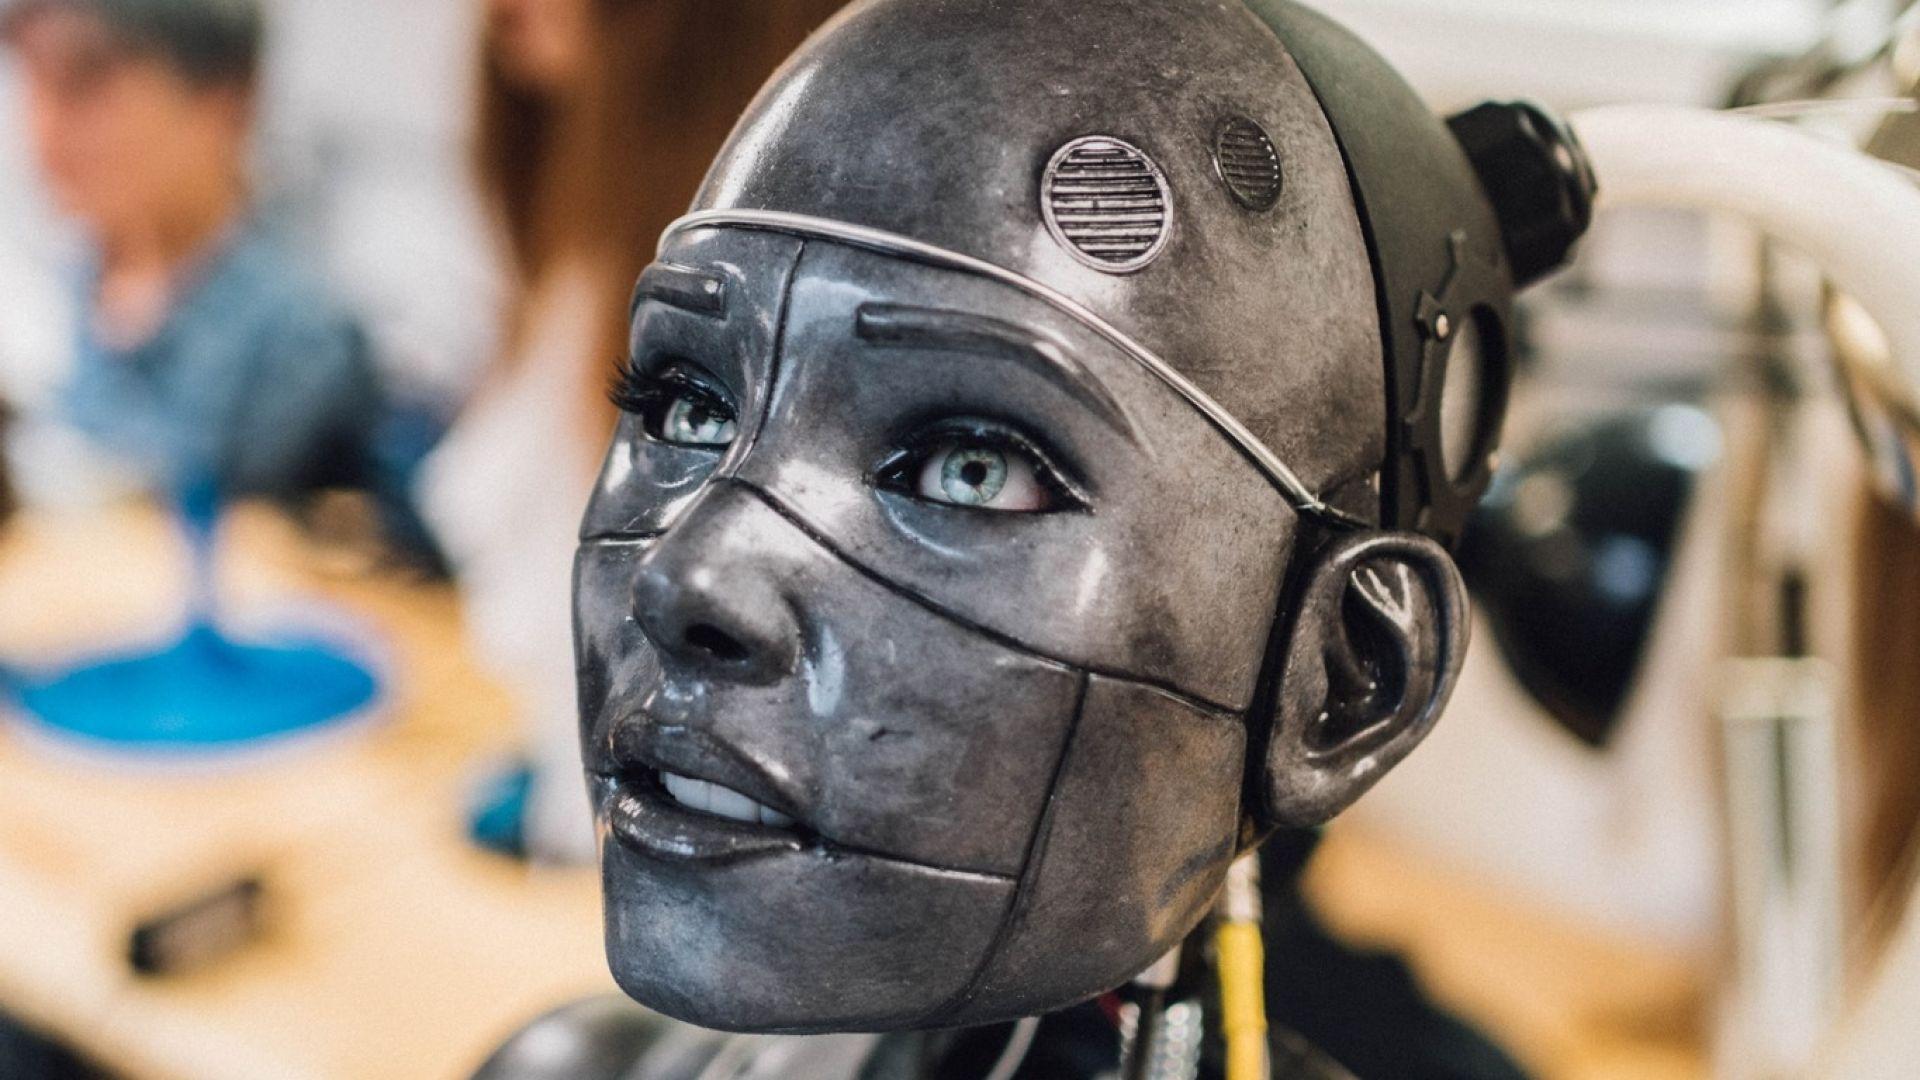 Експерти се чудят дали секс роботите трябва да бъдат легални